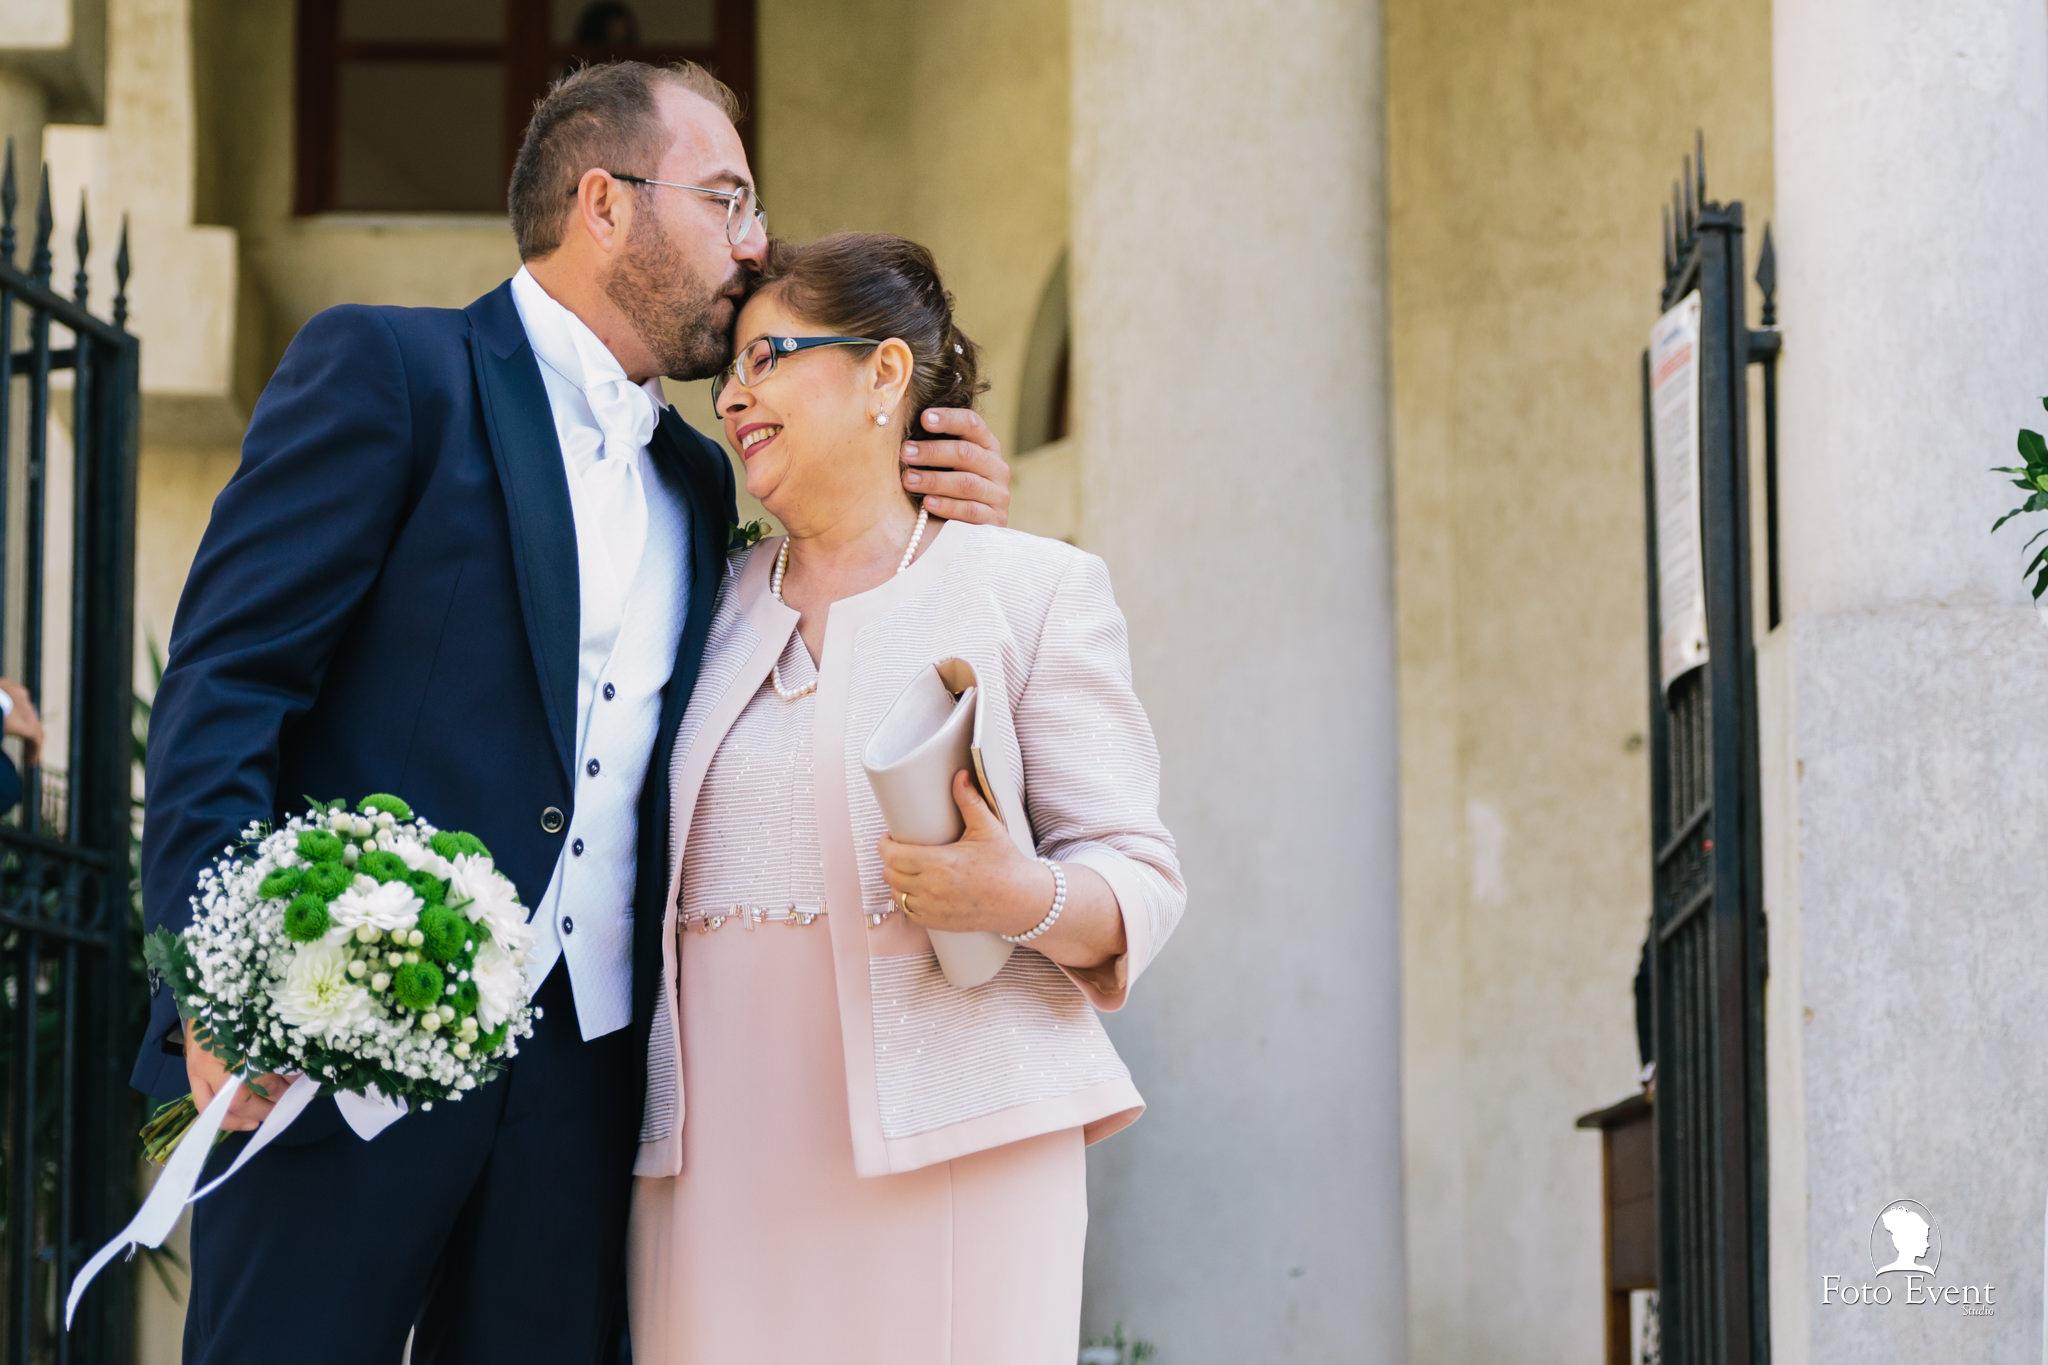 034-2020-10-15-Matrimonio-Noemi-e-Salvatore-Paterno-5DE-1313